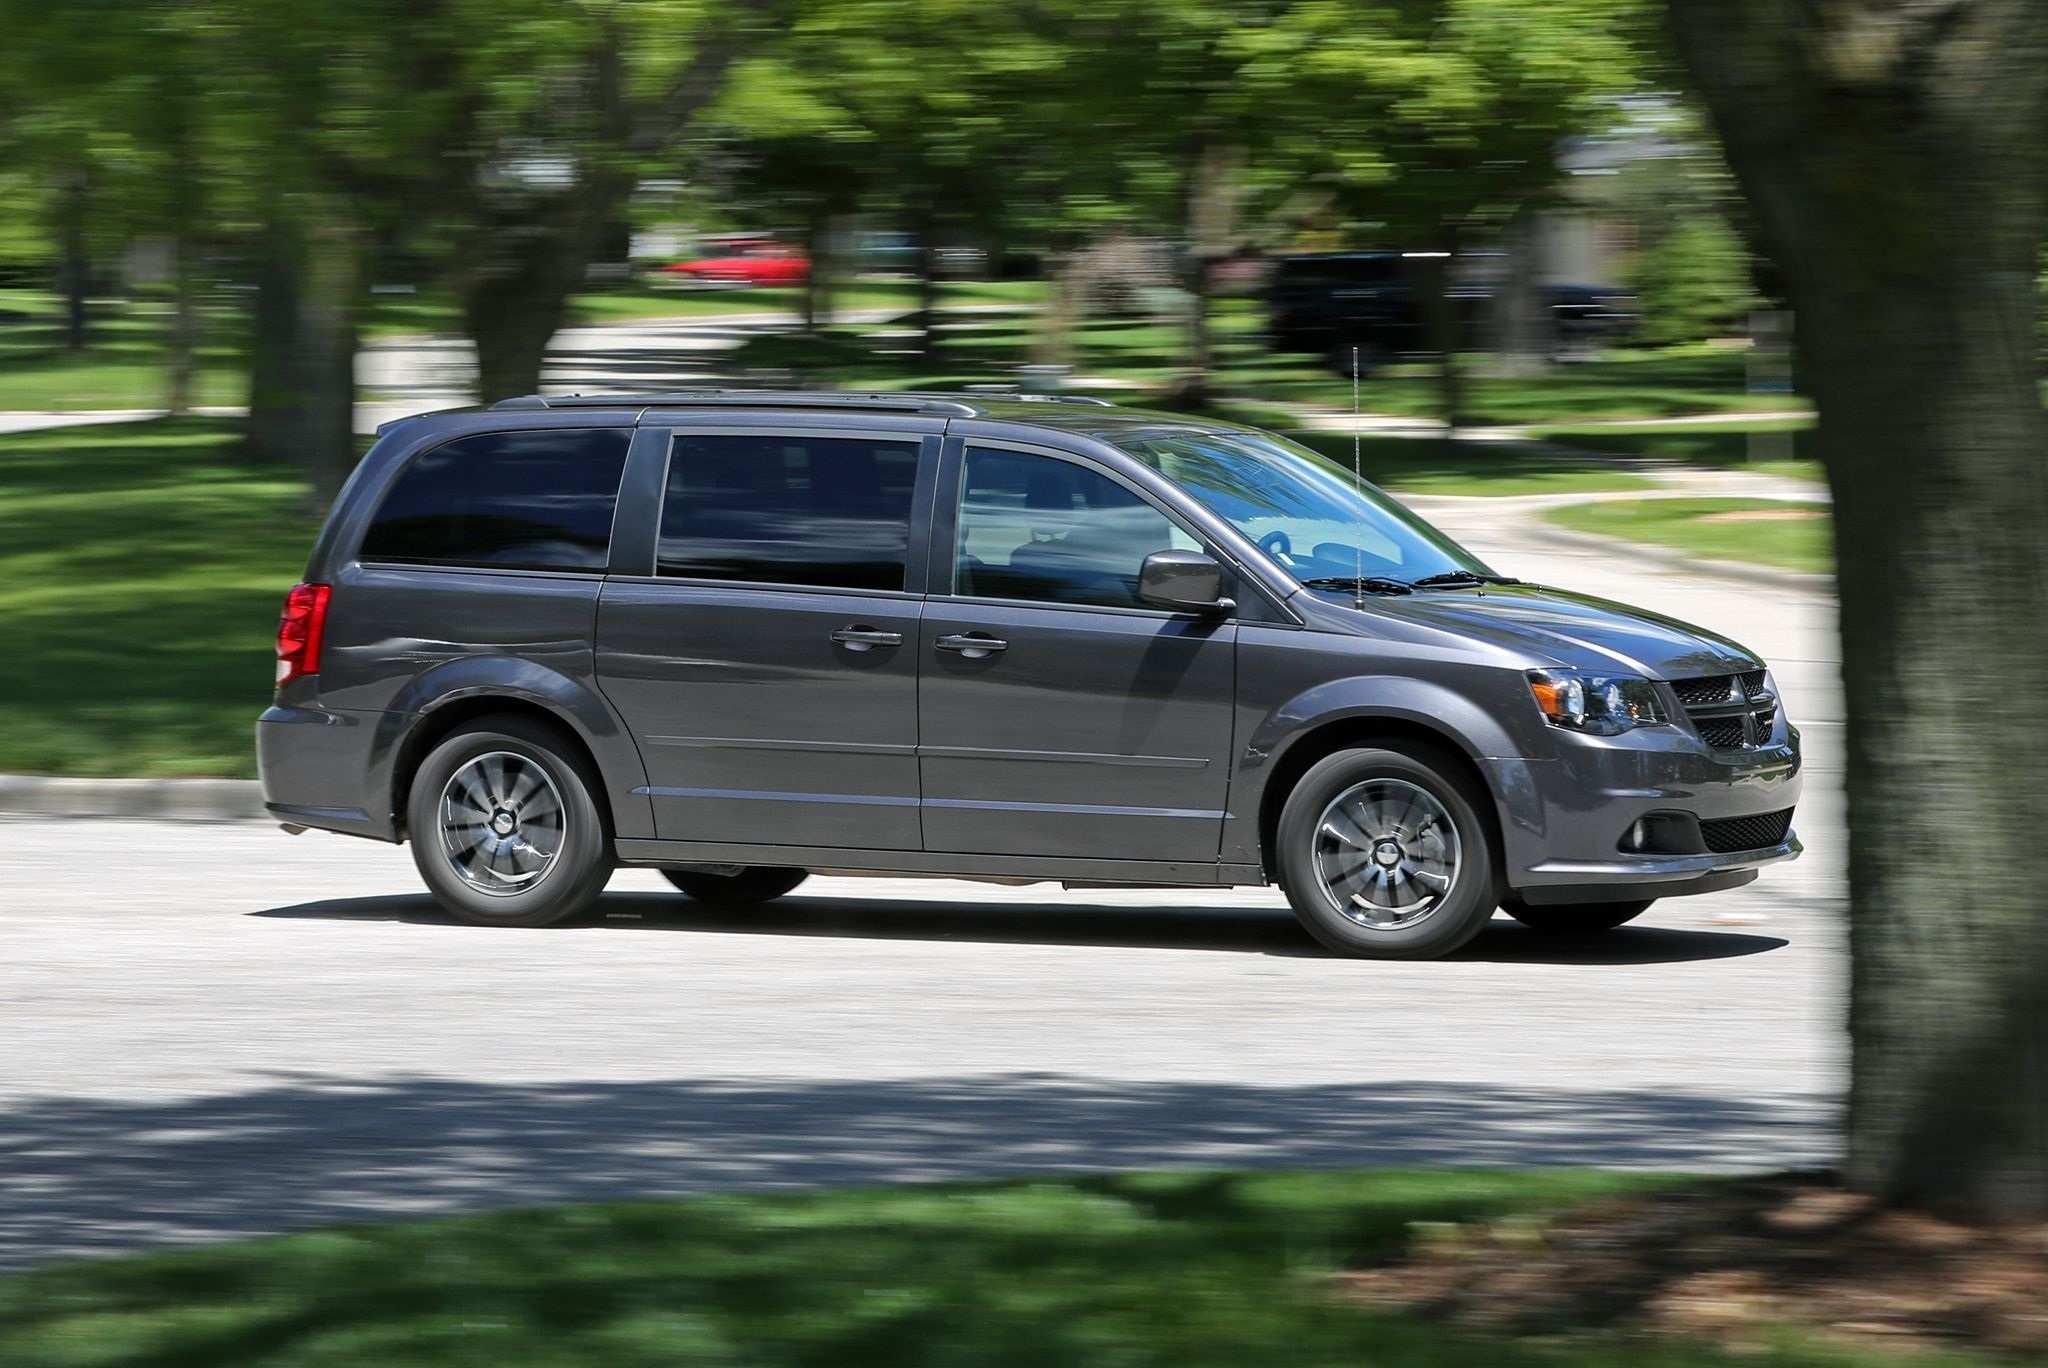 42 New 2020 Dodge Van Spesification by 2020 Dodge Van